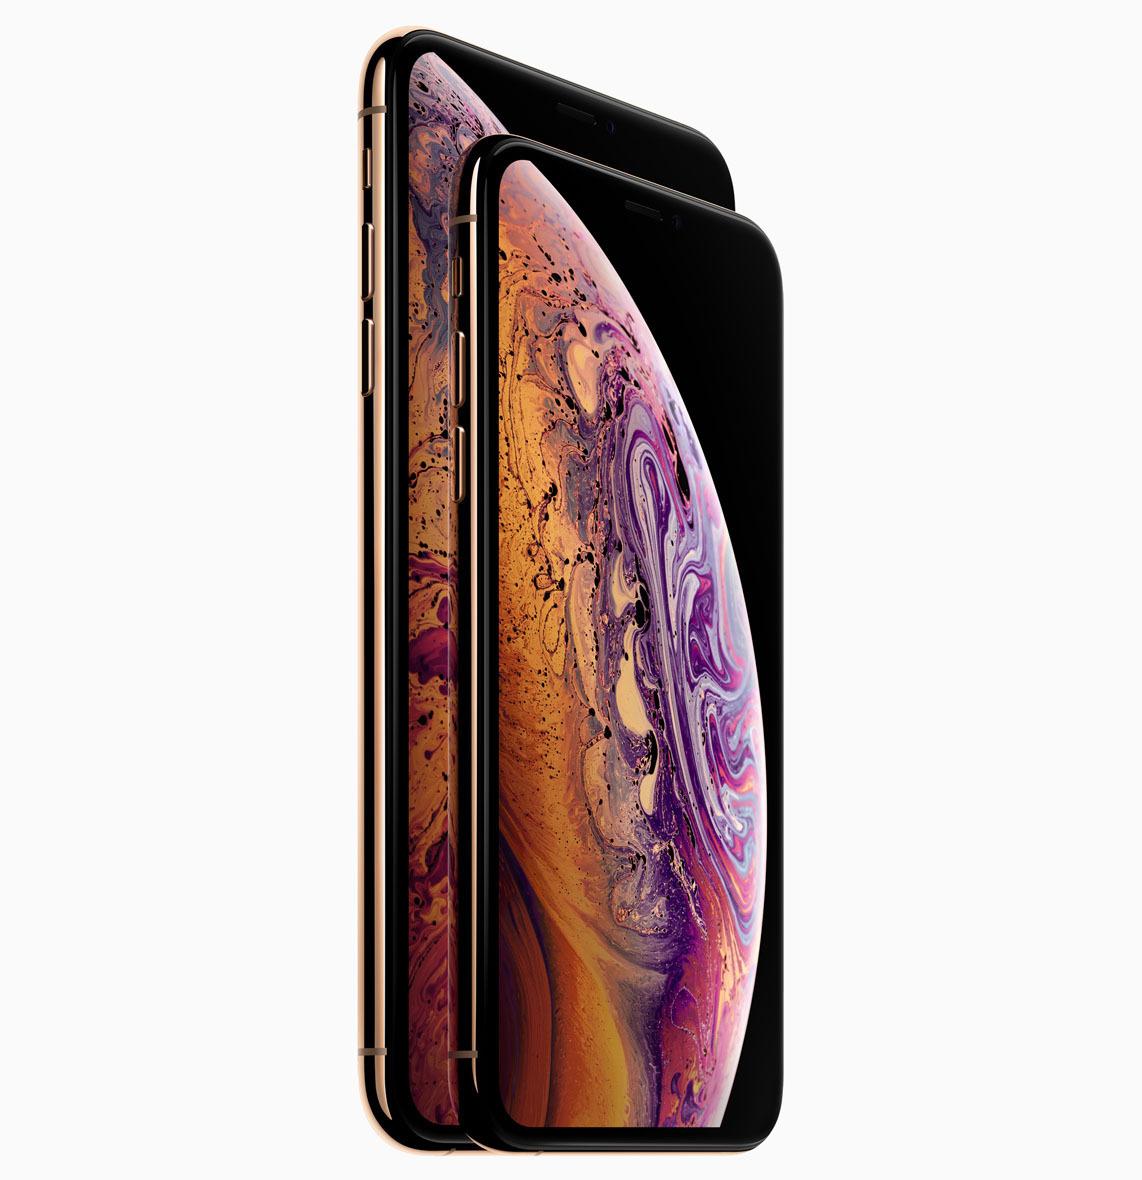 아이폰 XS는 두 가지 크기, 즉 큰 모델과 더 큰 모델로 나온다.